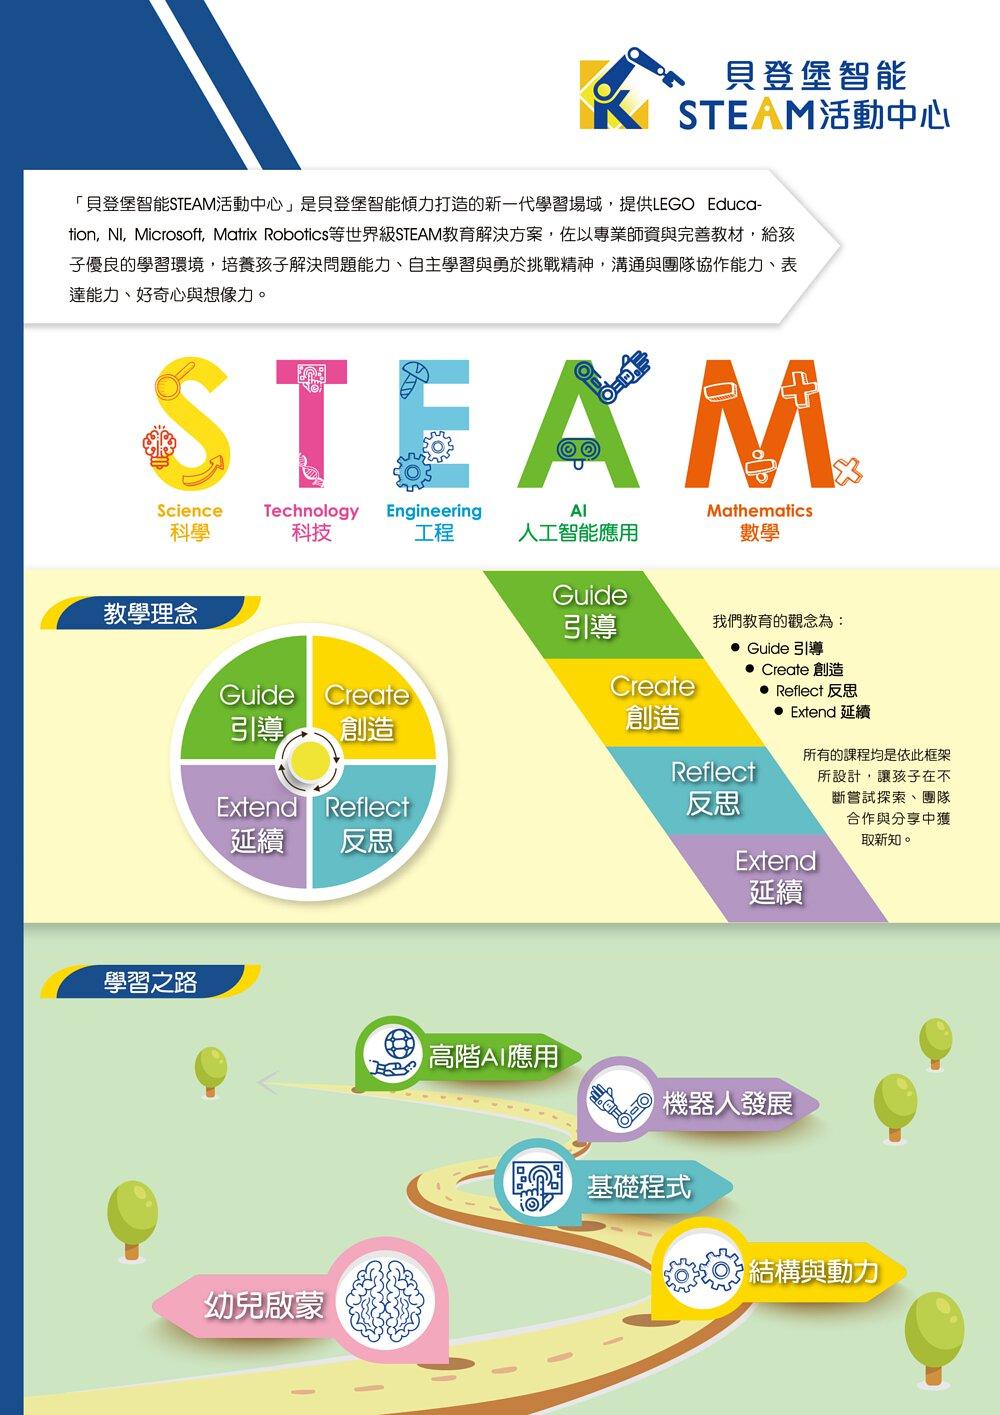 教育 steam